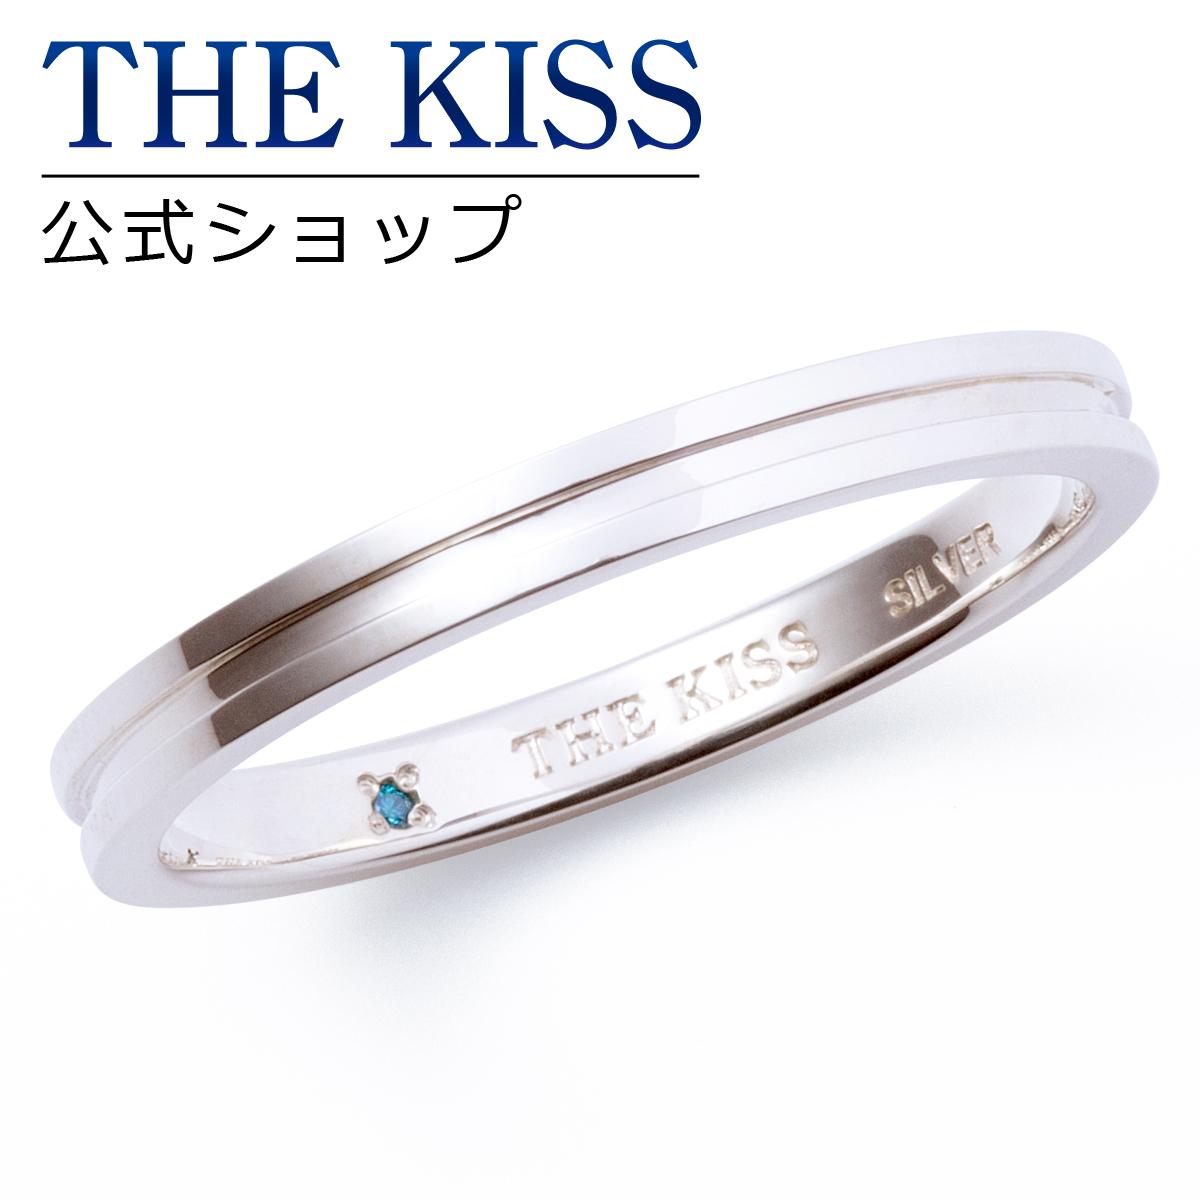 【あす楽対応】THE KISS 公式サイト シルバー ペアリング ( メンズ 単品 ) ブルーダイヤモンド ペアアクセサリー カップル に 人気 の ジュエリーブランド THEKISS ペア リング・指輪 記念日 プレゼント SR1870BDM ザキス 【送料無料】